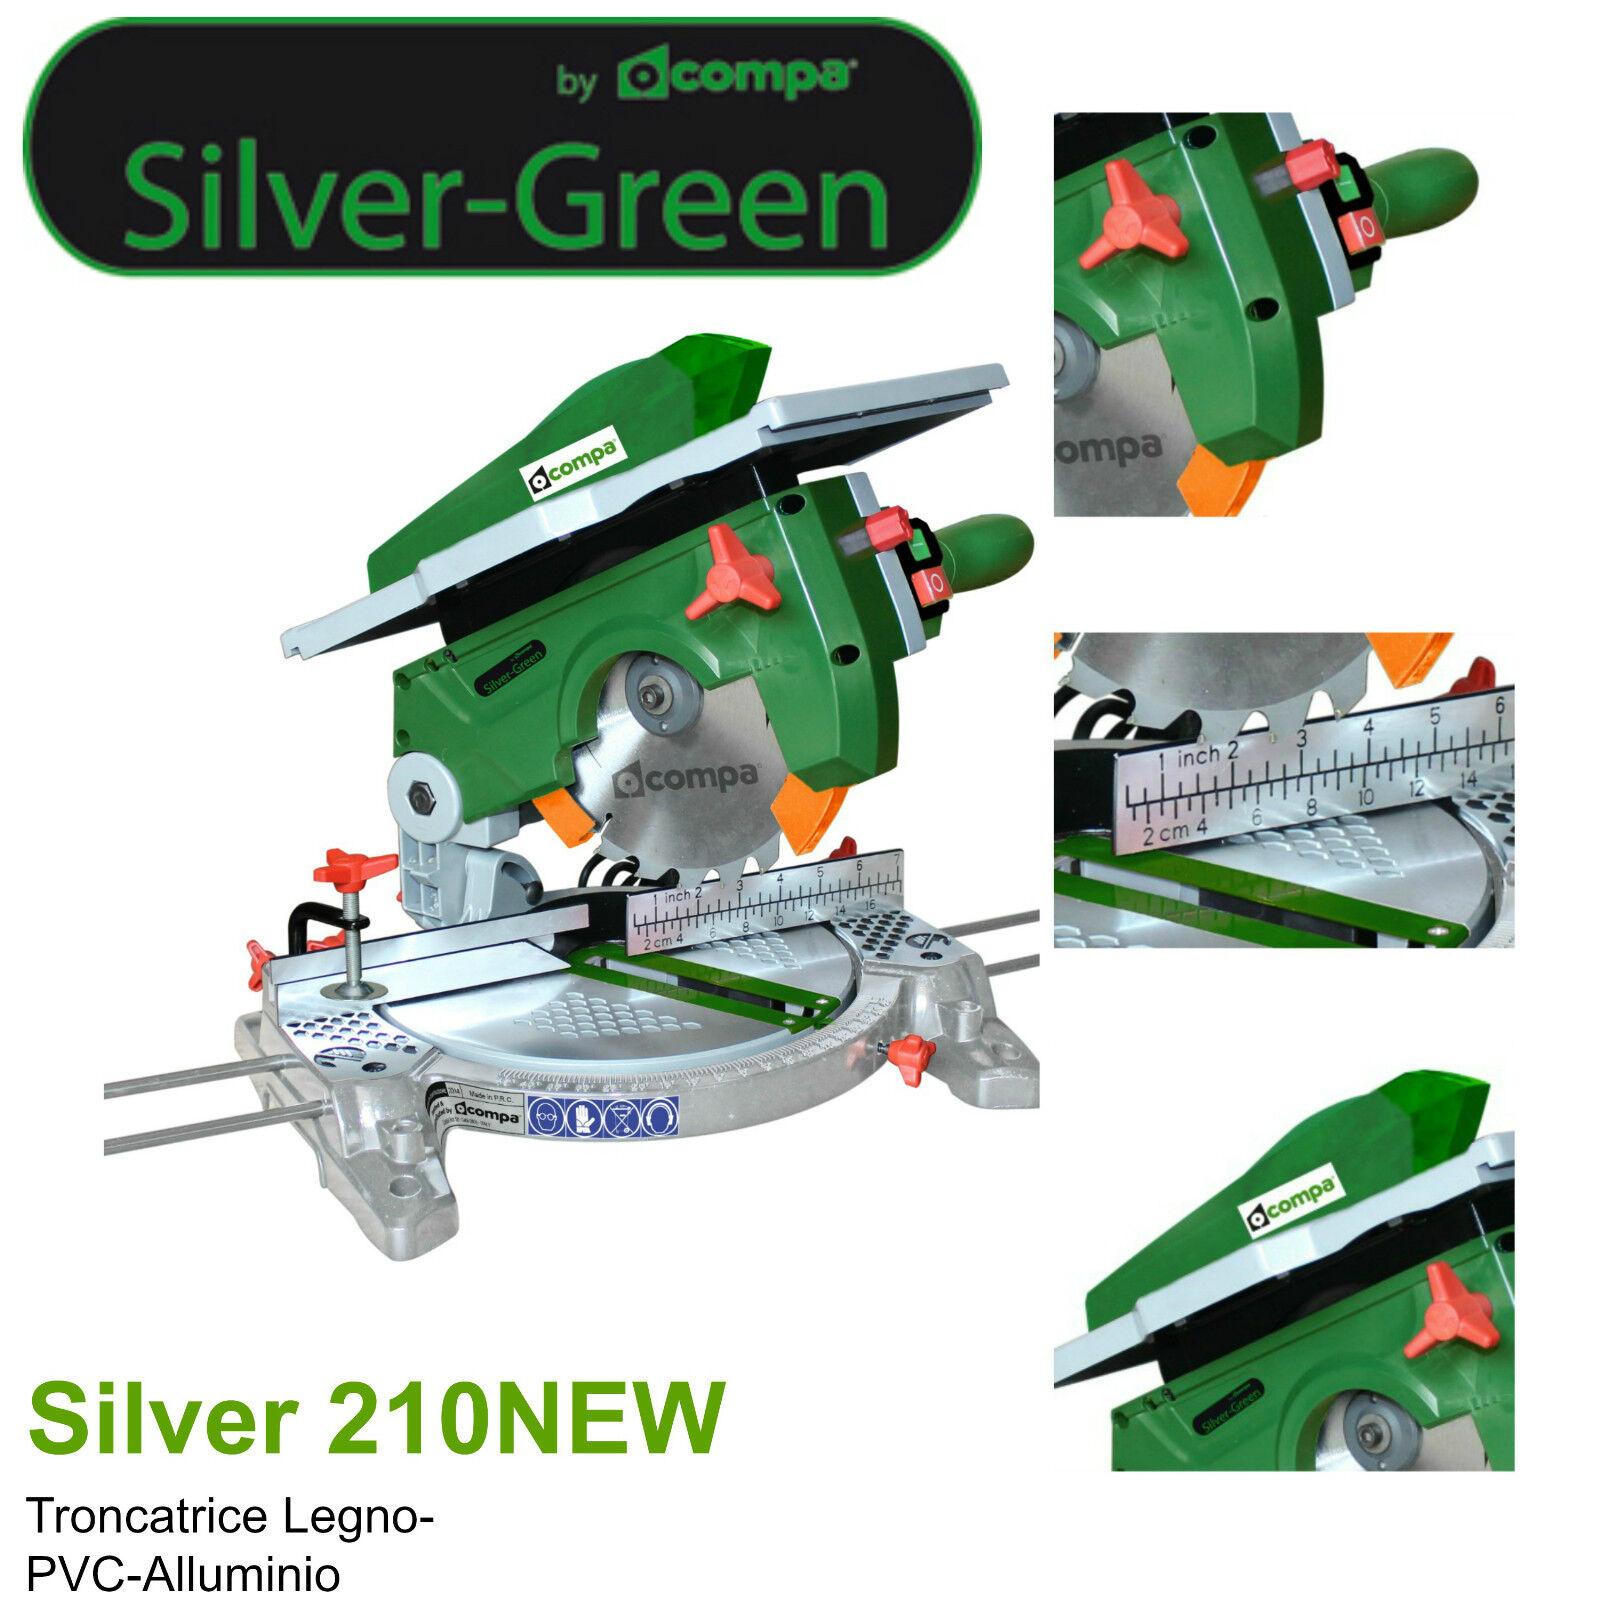 Compa Kappsäge Laptop-ø 210mm Plan Top- Aluminium Silber 210 neu